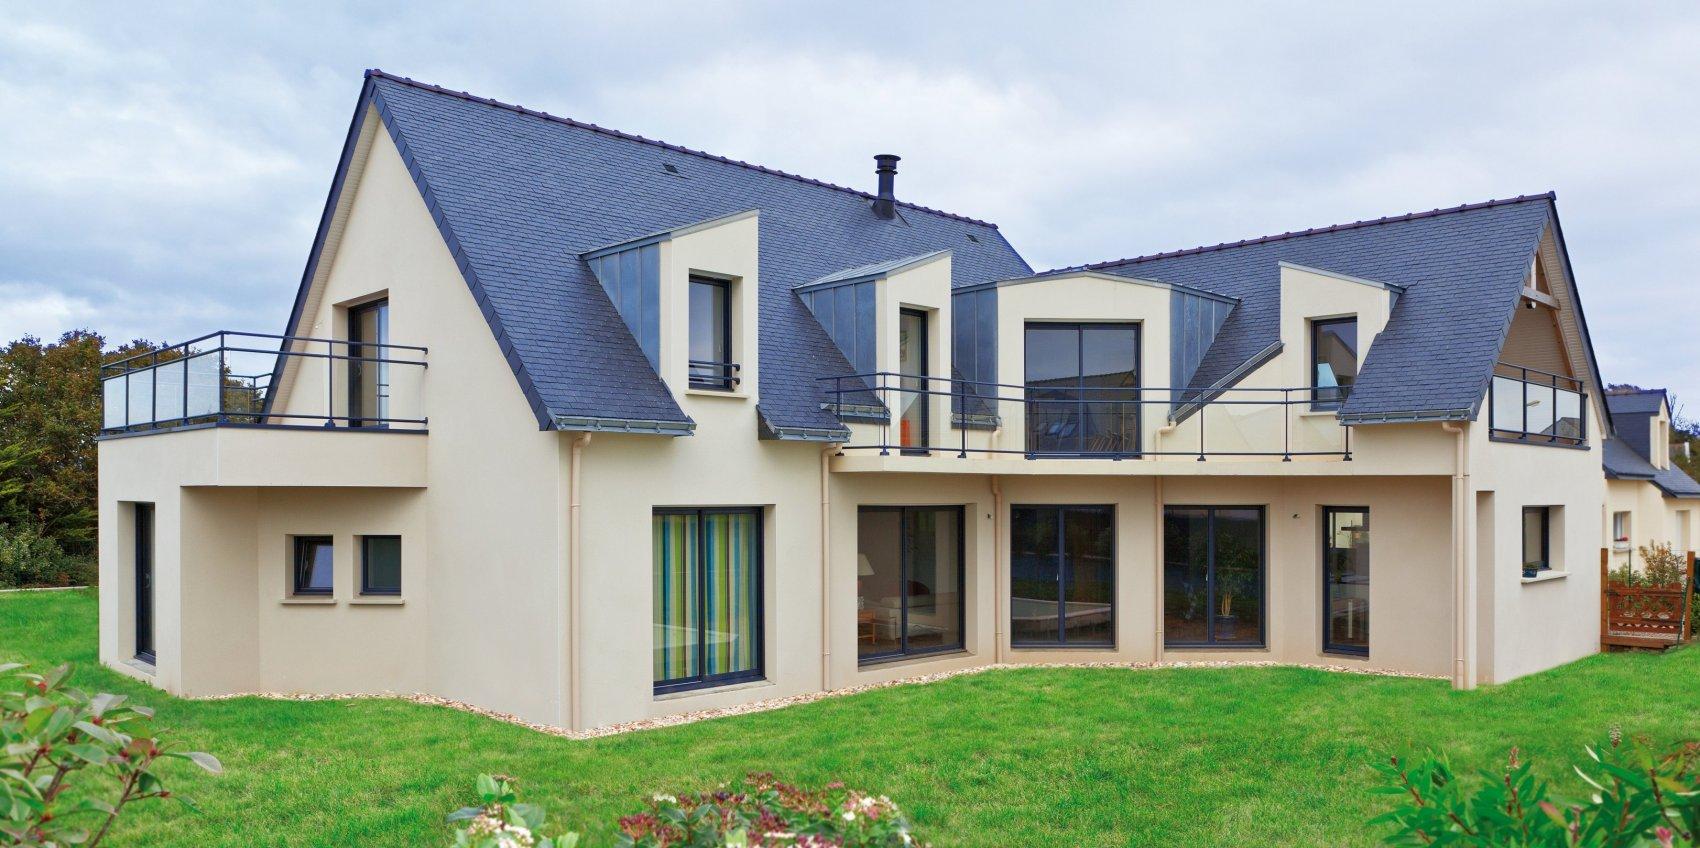 constructeur maison 200 000 euros